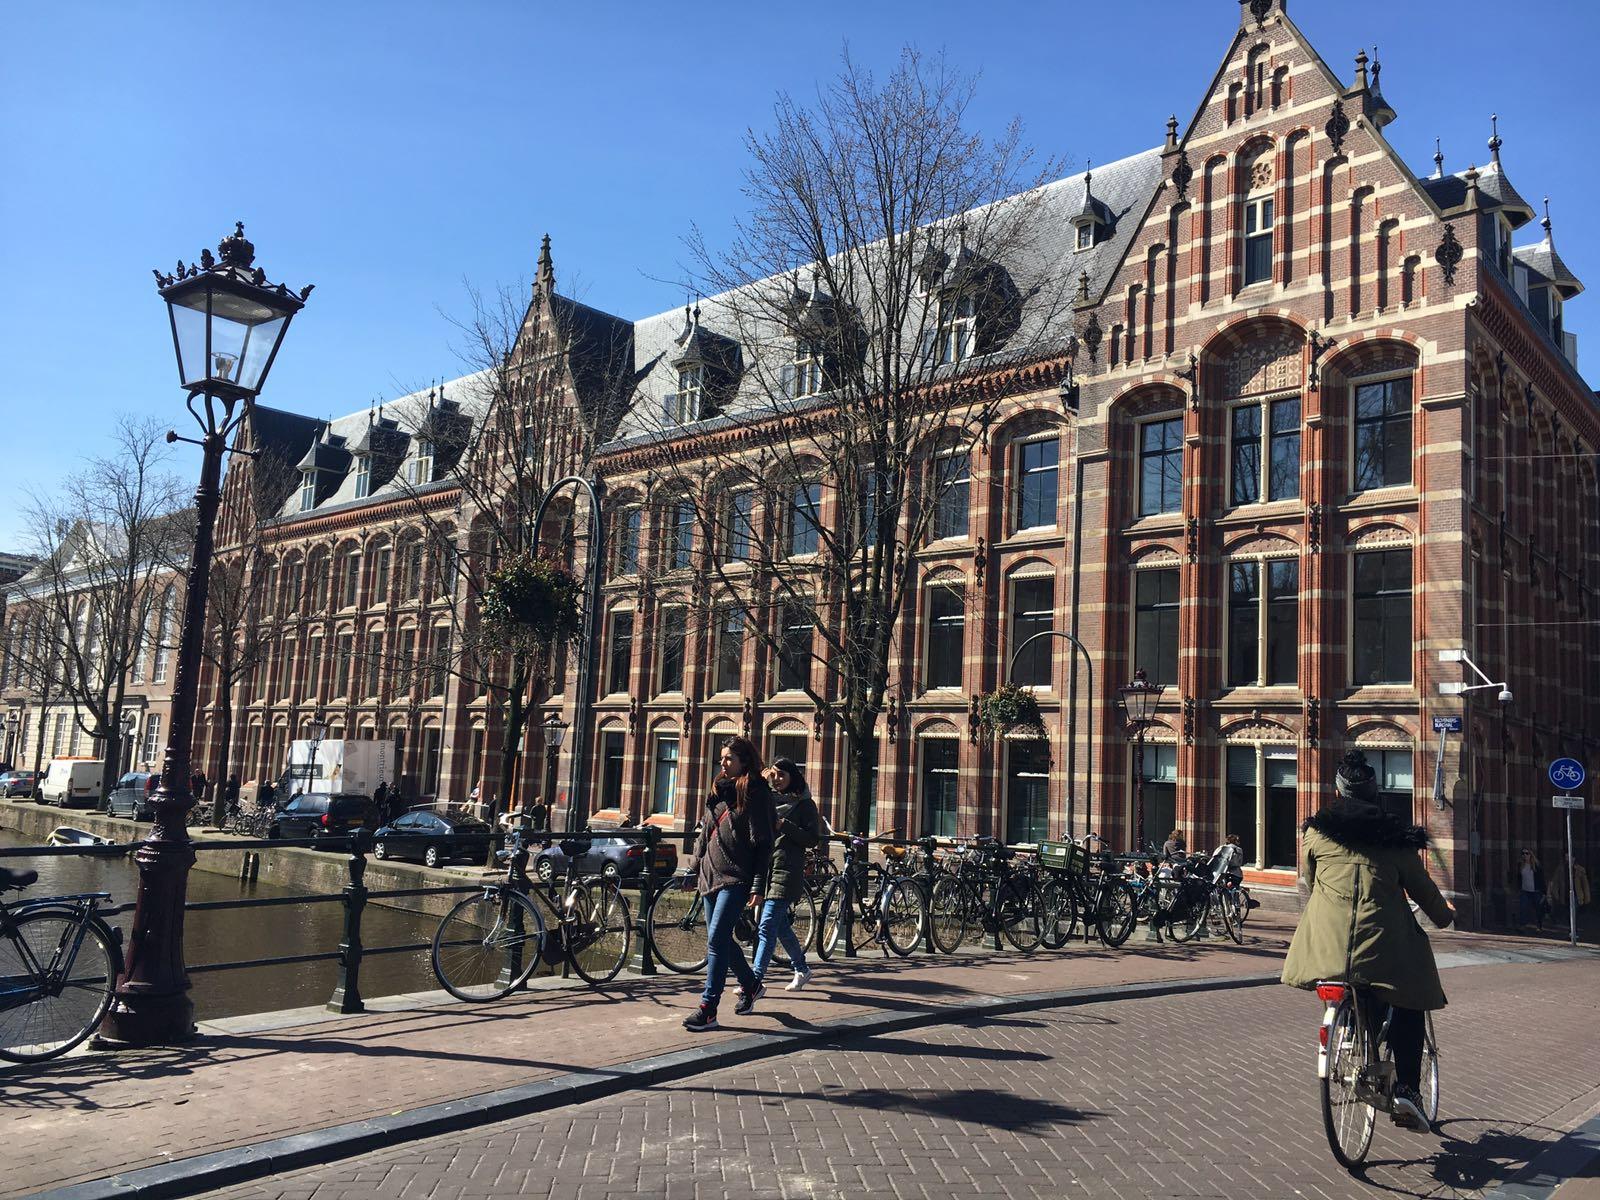 De Duitslanddesk is gevestigd in het Oost-Indisch-Huis in Amsterdam.